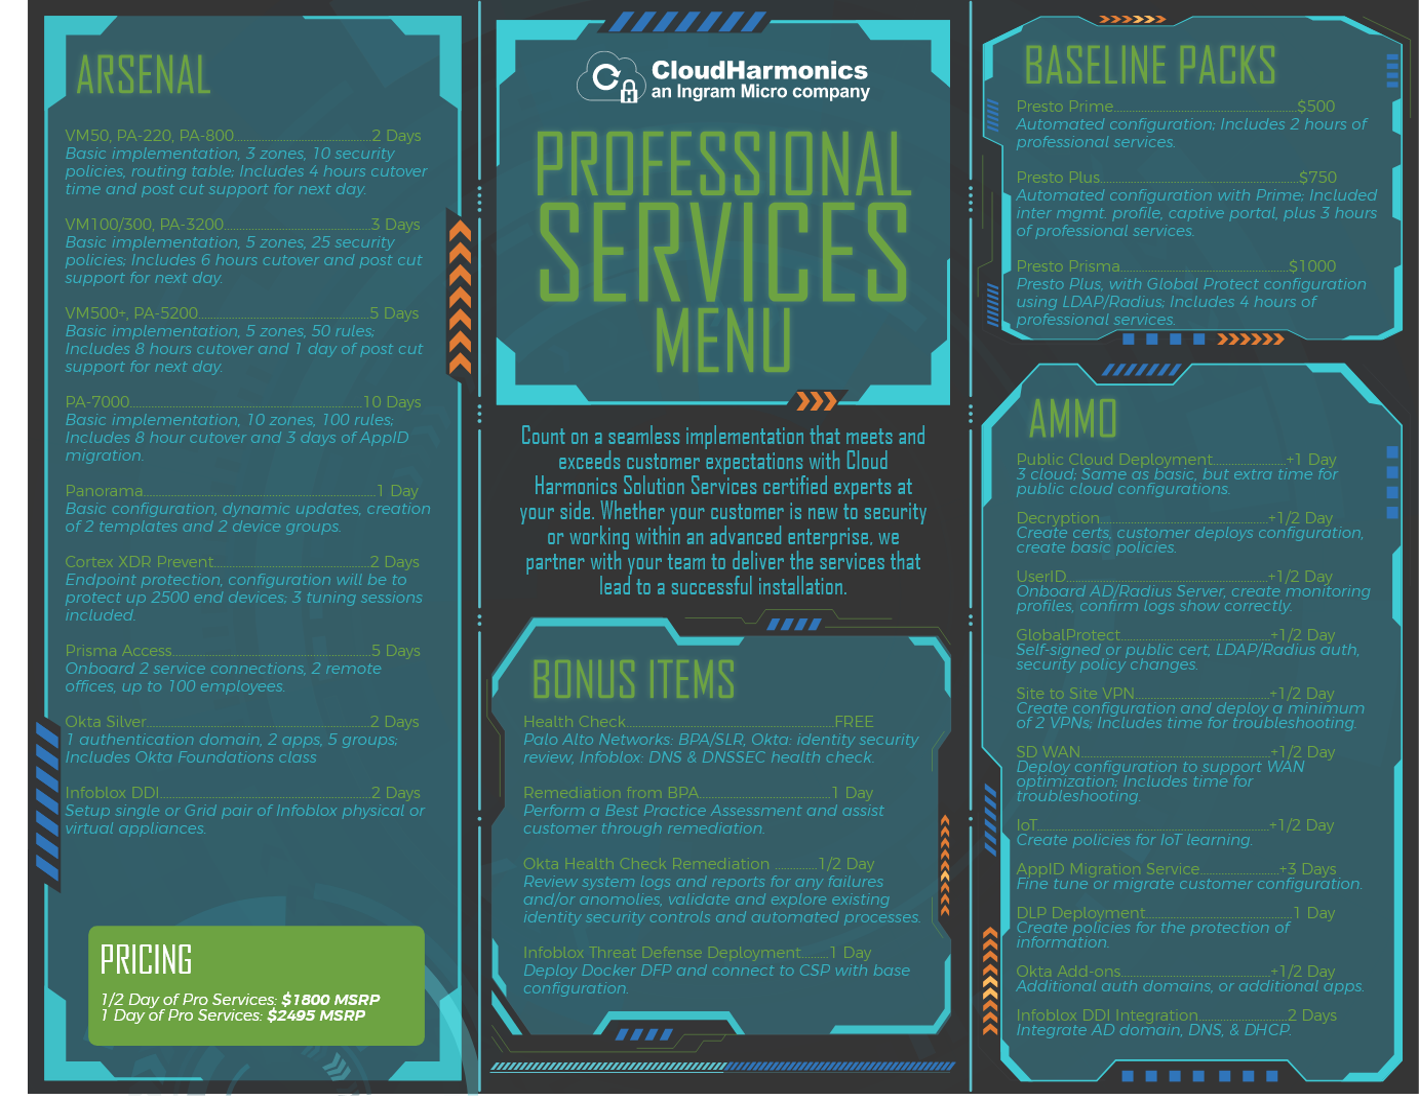 Cloud Harmonics downloadable Professional Services Menu